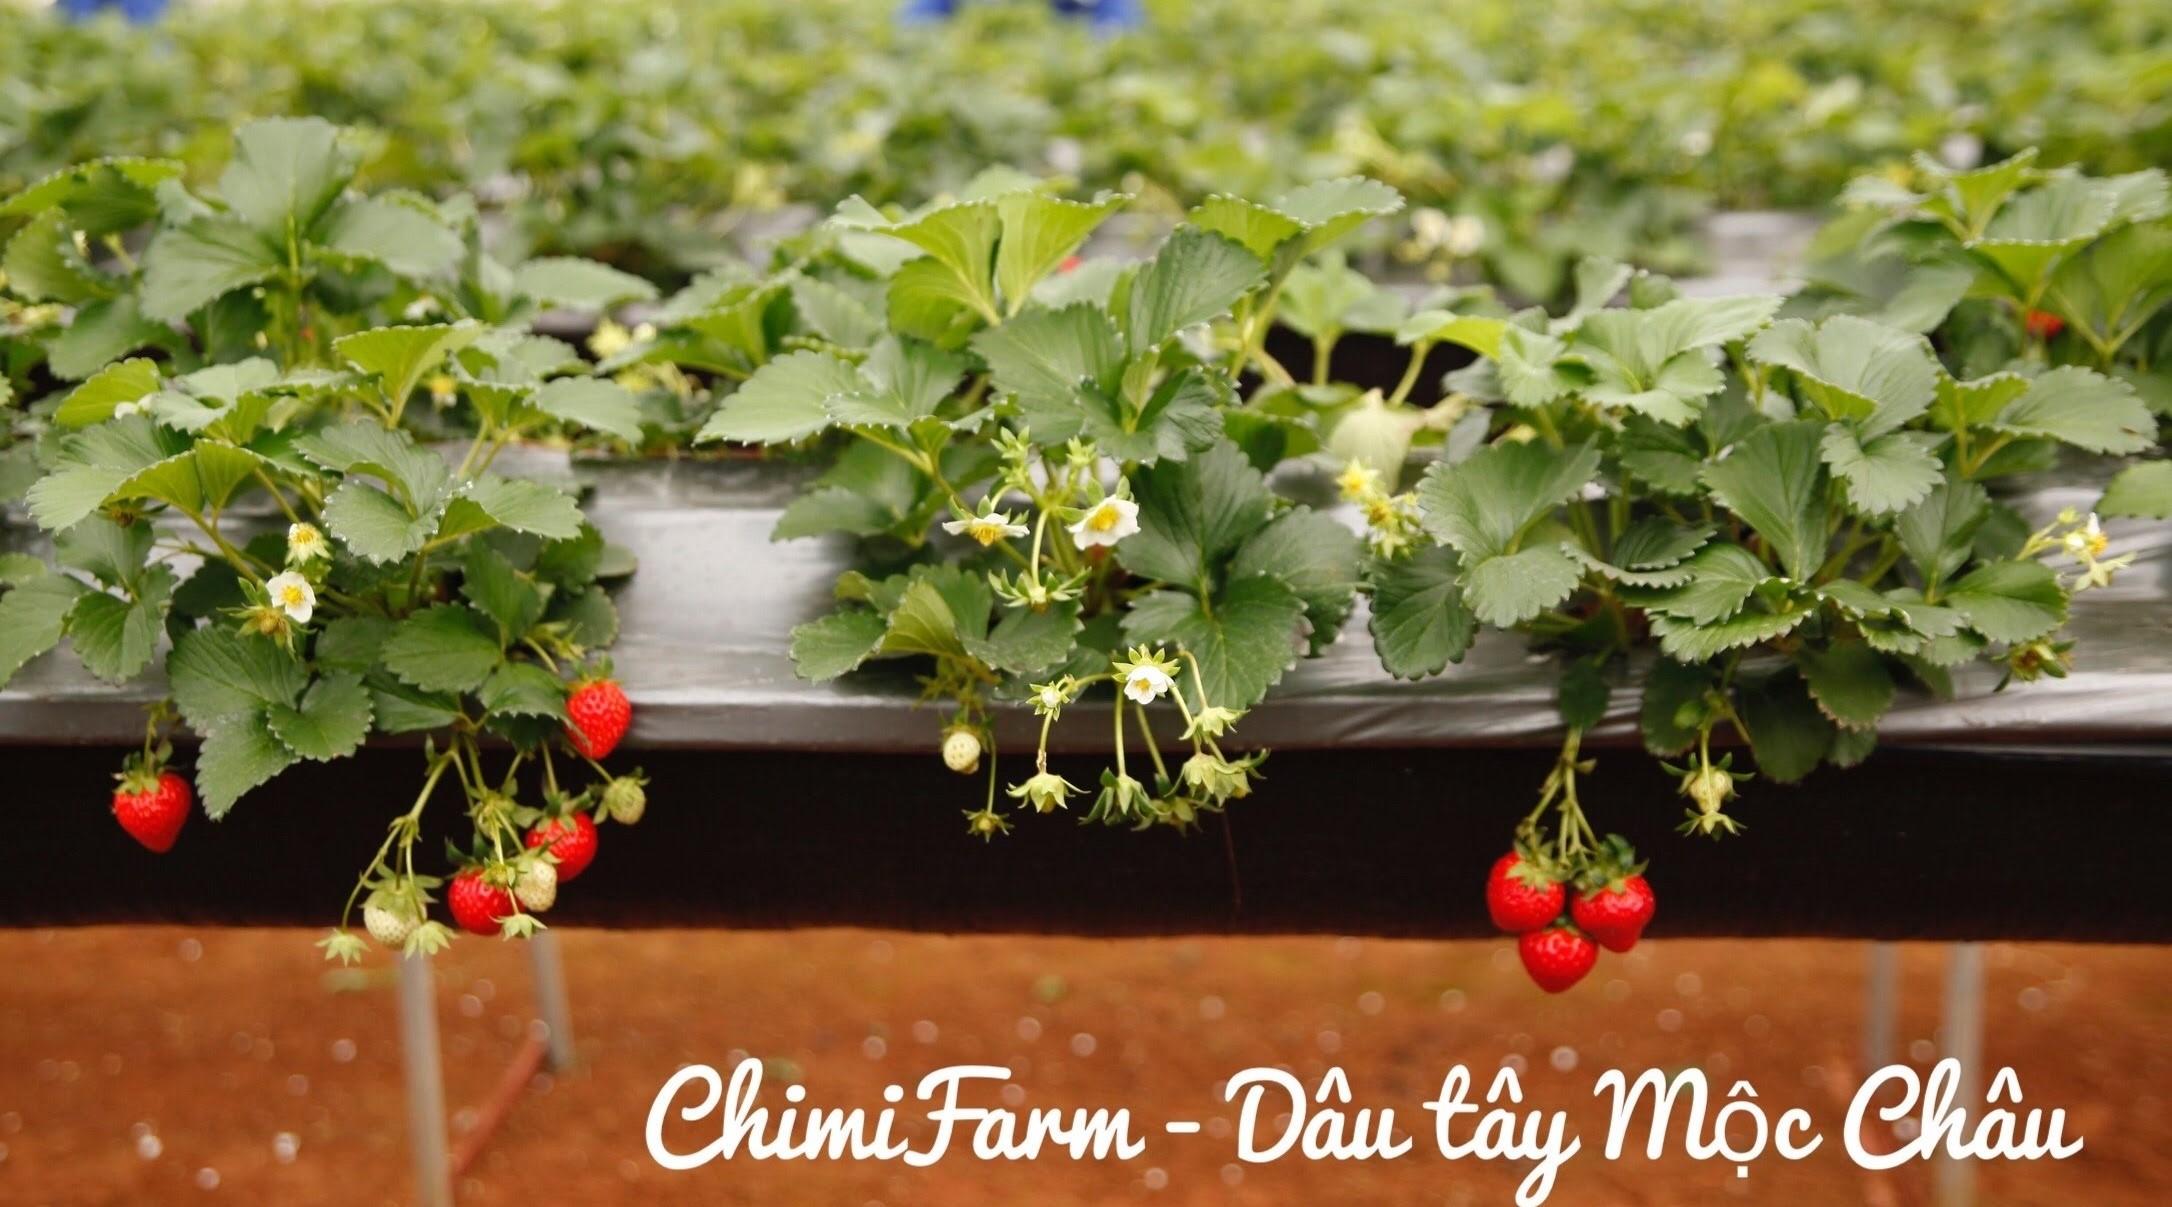 Chimi Farm ngày càng khẳng định thương hiệu dâu tây Mộc Châu